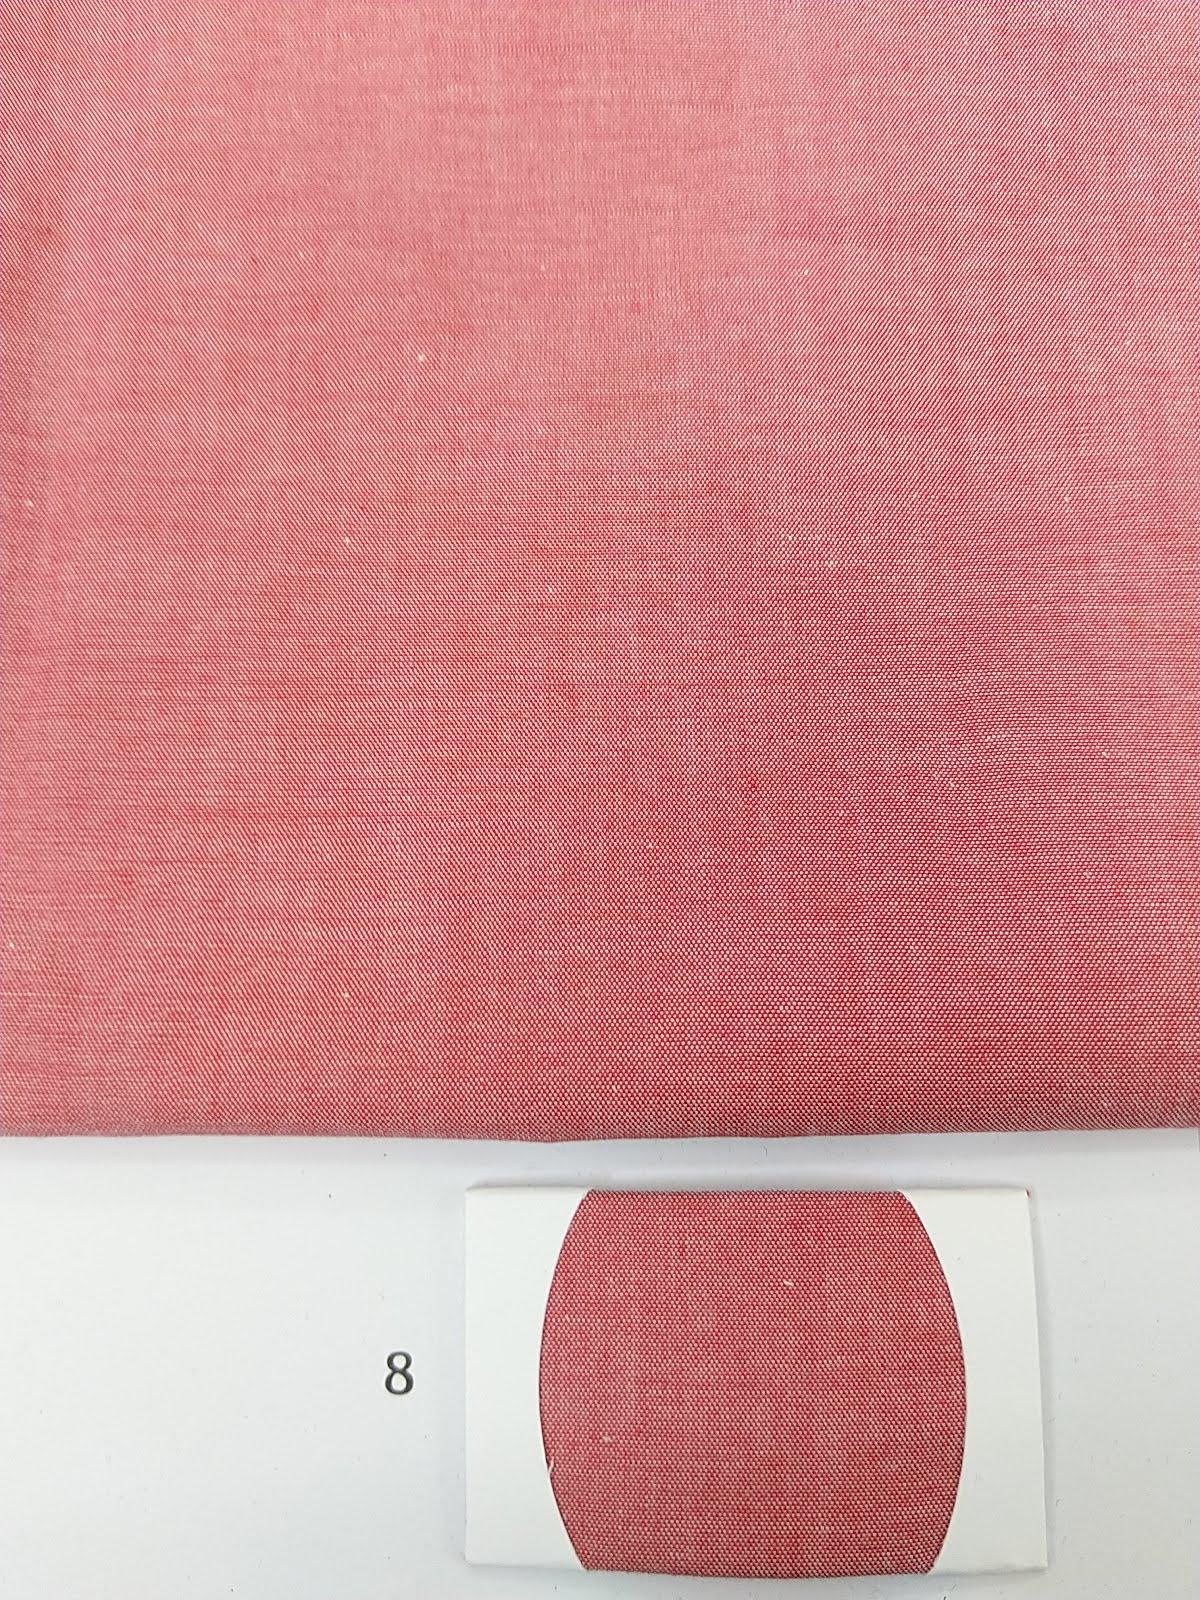 Red denim fabric